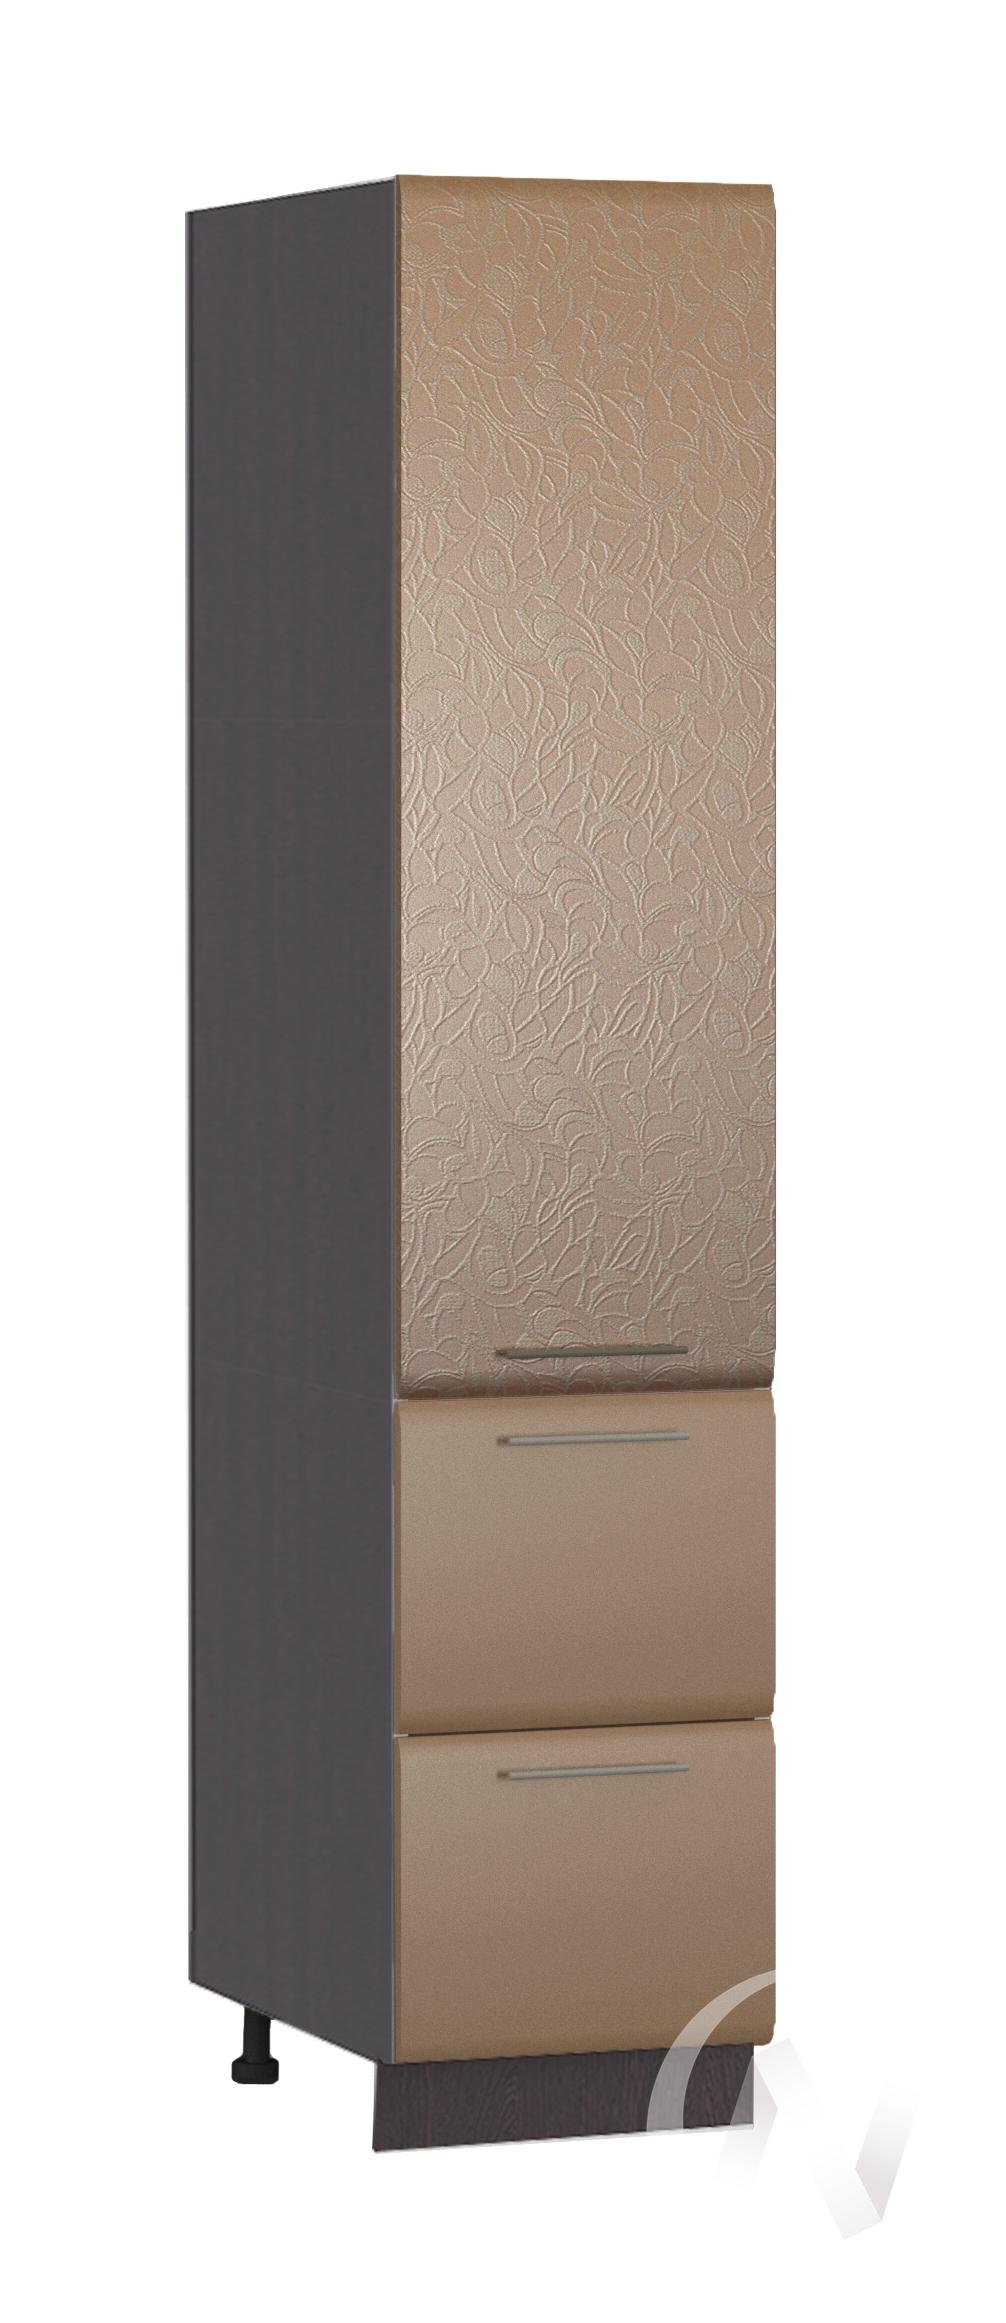 """Кухня """"Люкс"""": Шкаф пенал с 2-мя ящиками 400, ШП2Я 400 (Магнолия мат./Шоколад матовый/корпус белый)"""